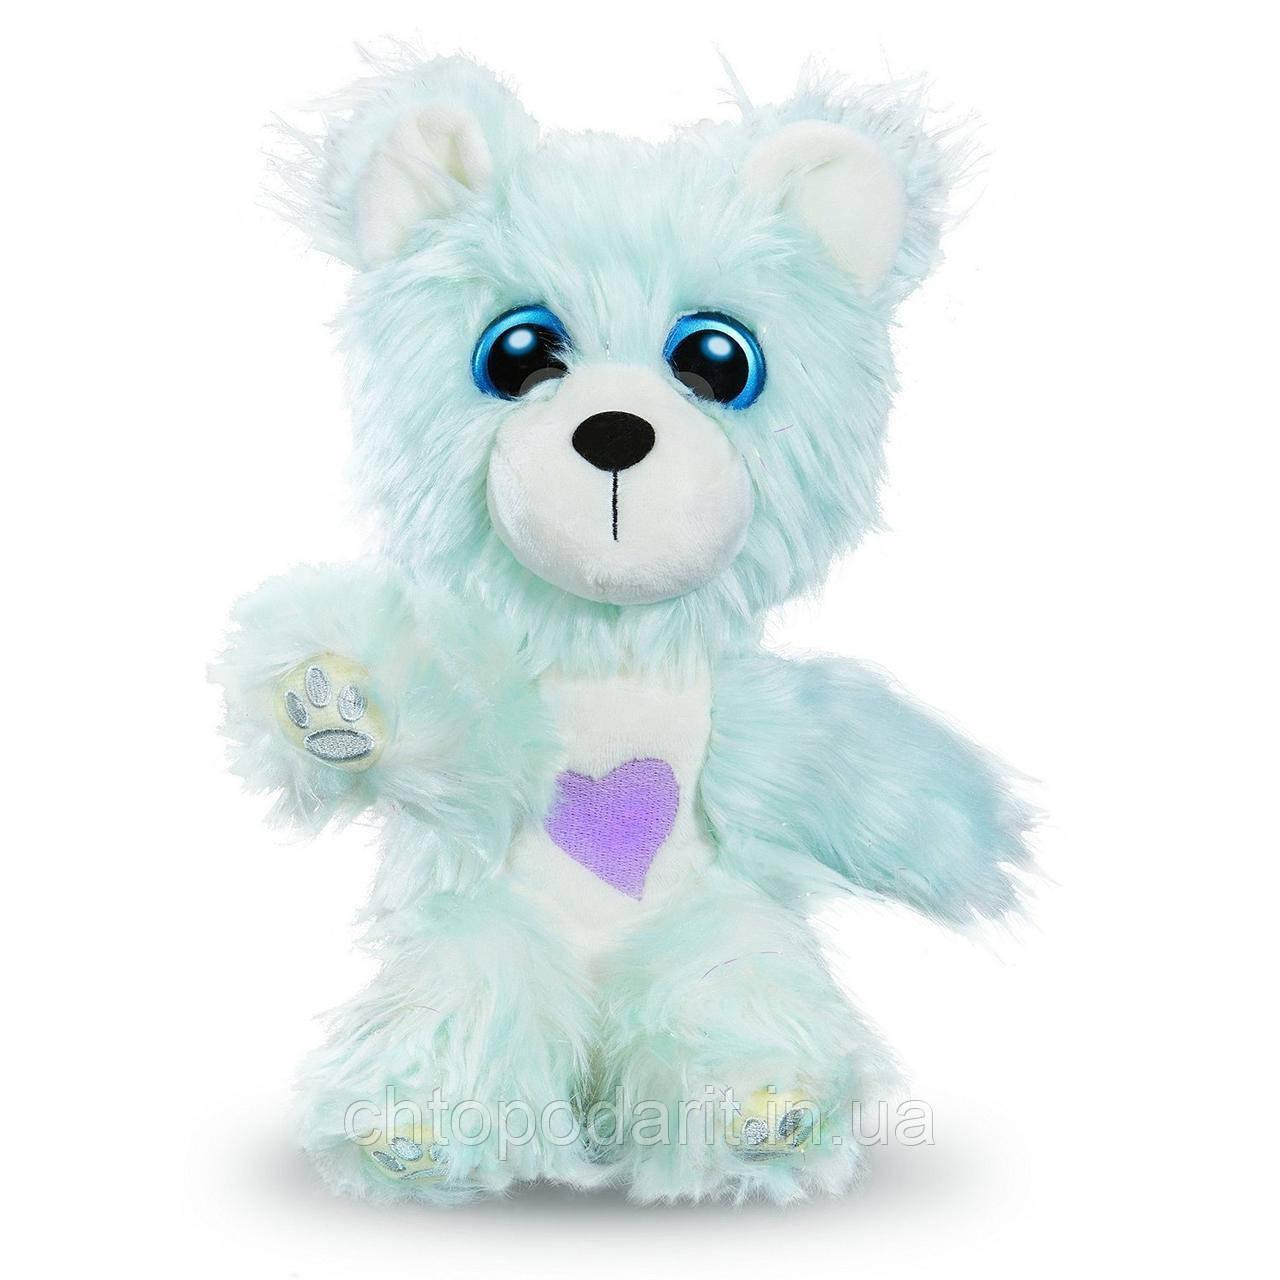 Пушистик потеряшка «Снежные друзья» игрушка сюрприз Scruff A Luvs Snow Pals Код 12-2226